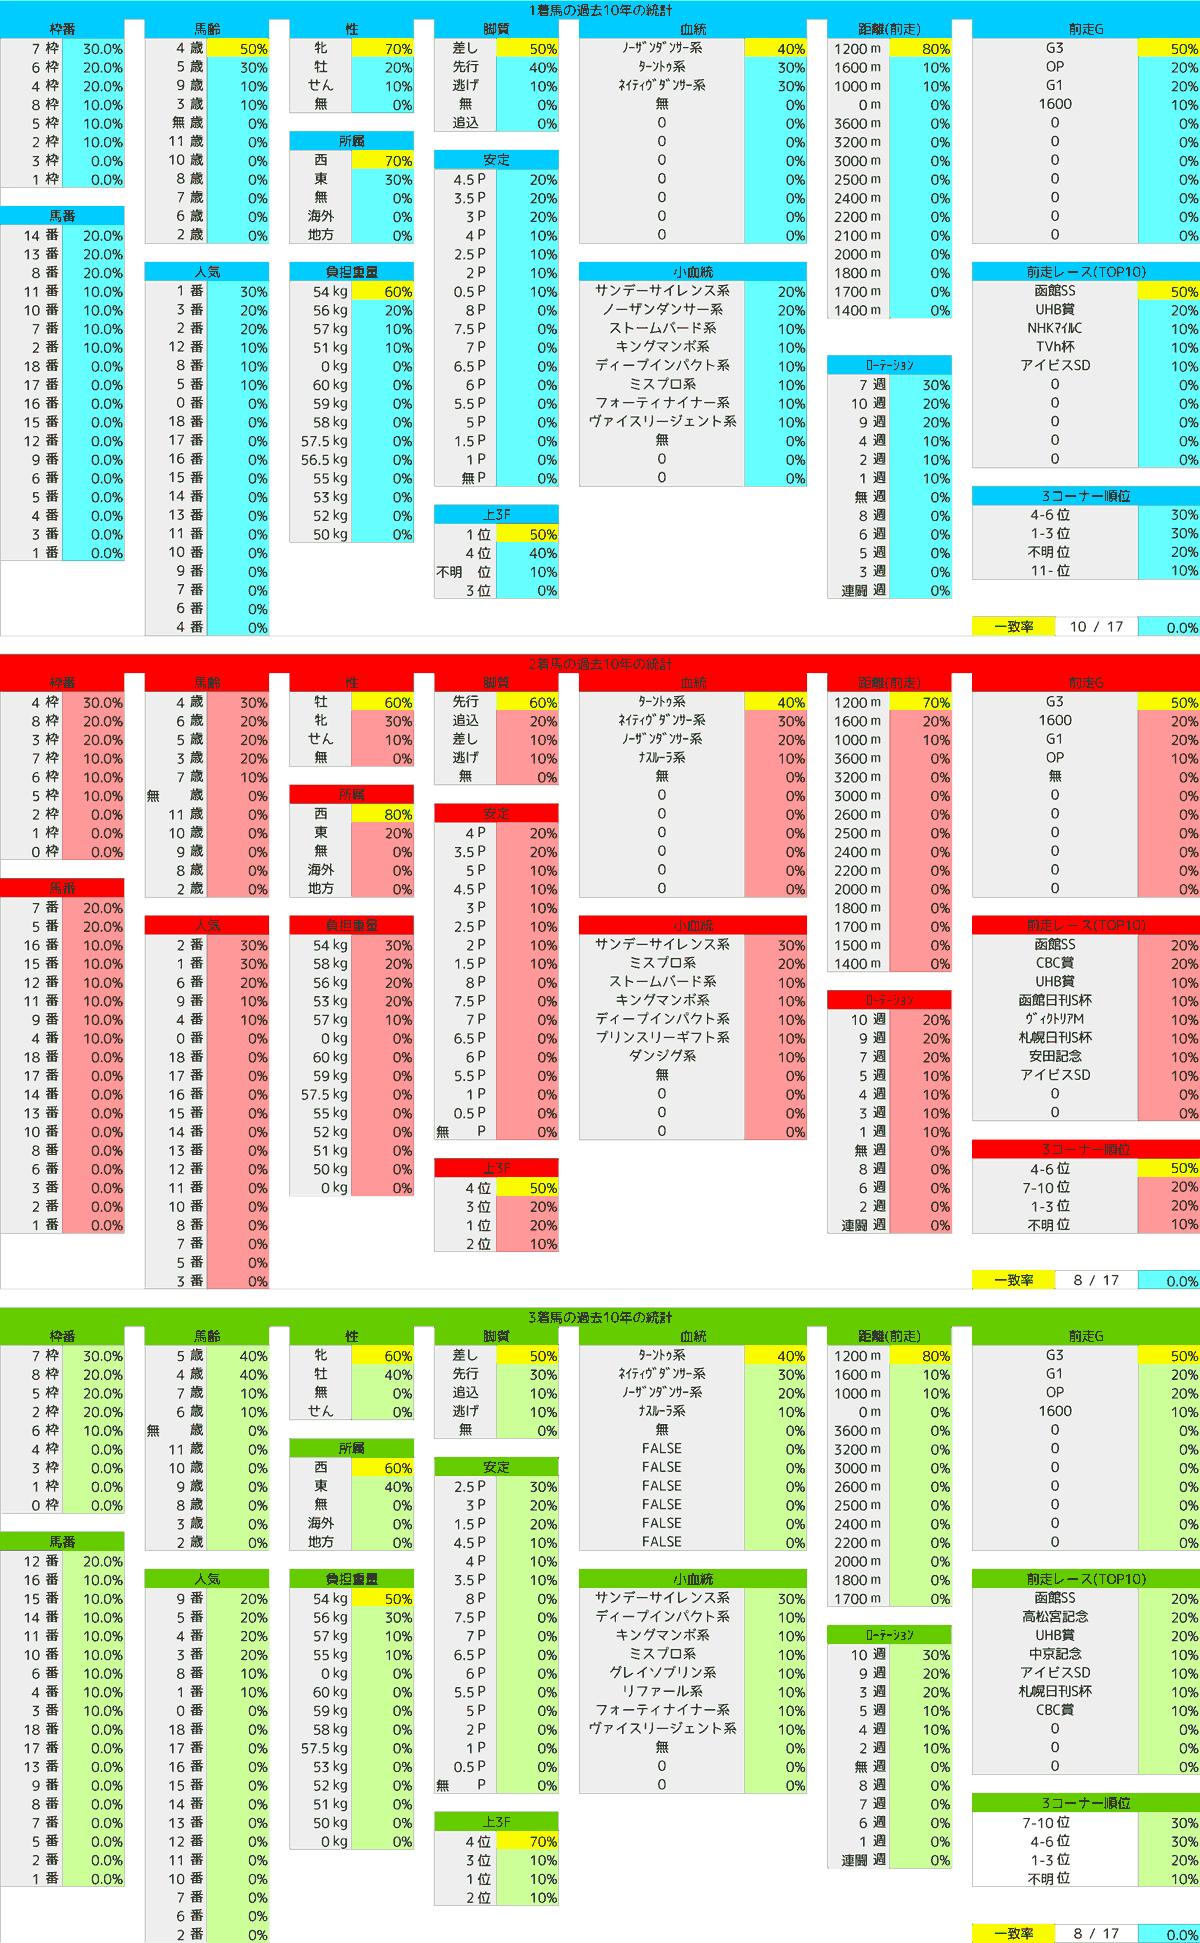 2021_2統計1_キーンランドC-min